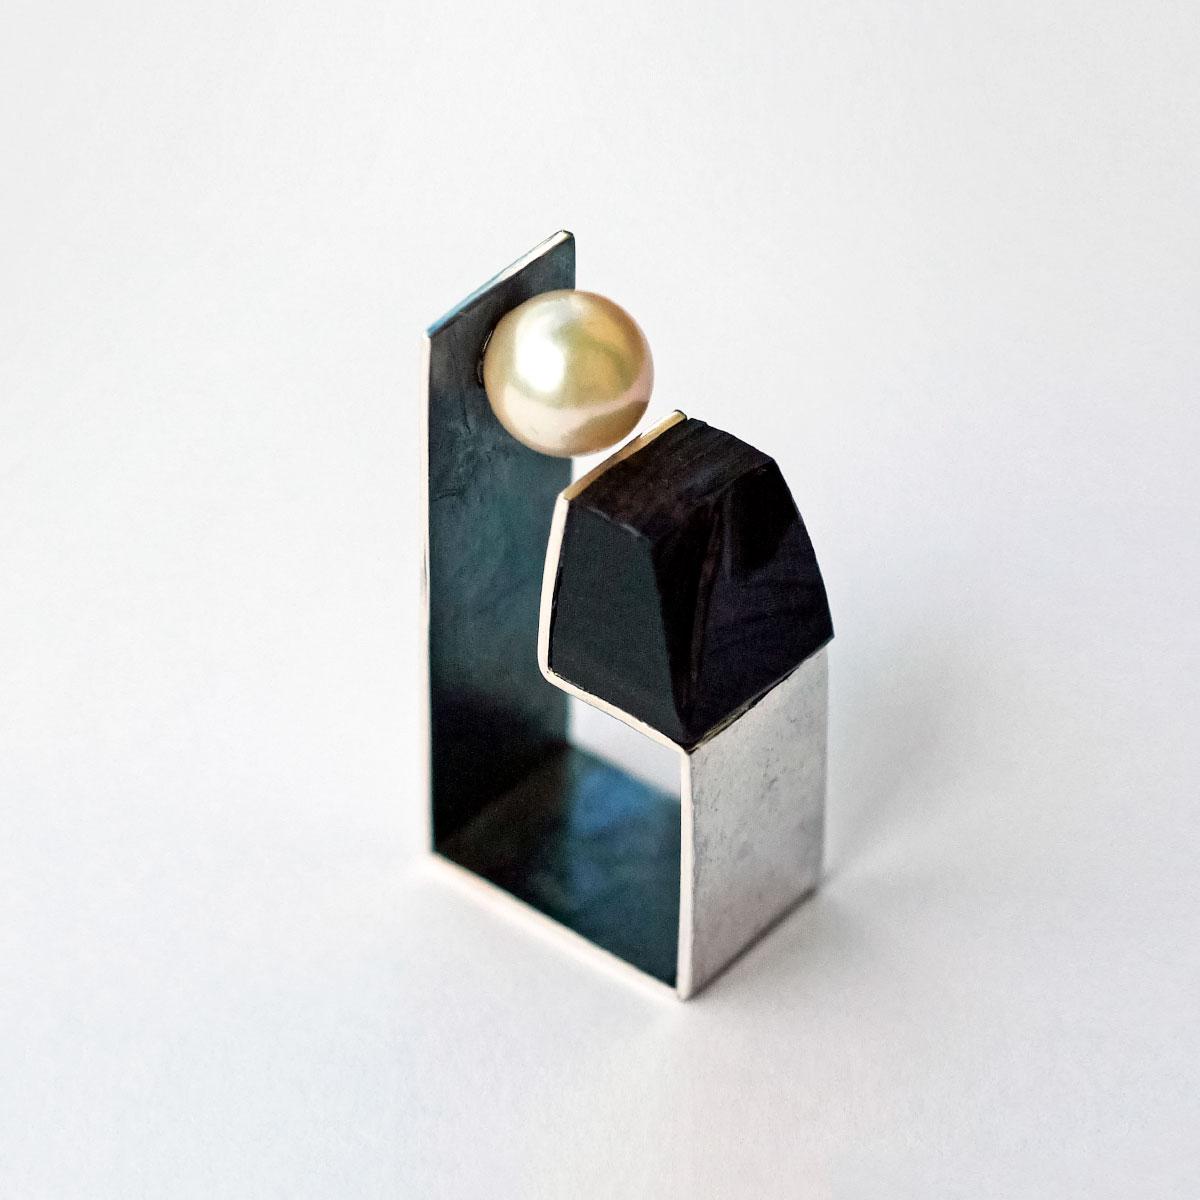 Ring Per piano e perla silver ebony pearl Stenia Scarselli Italiano Plurale artist